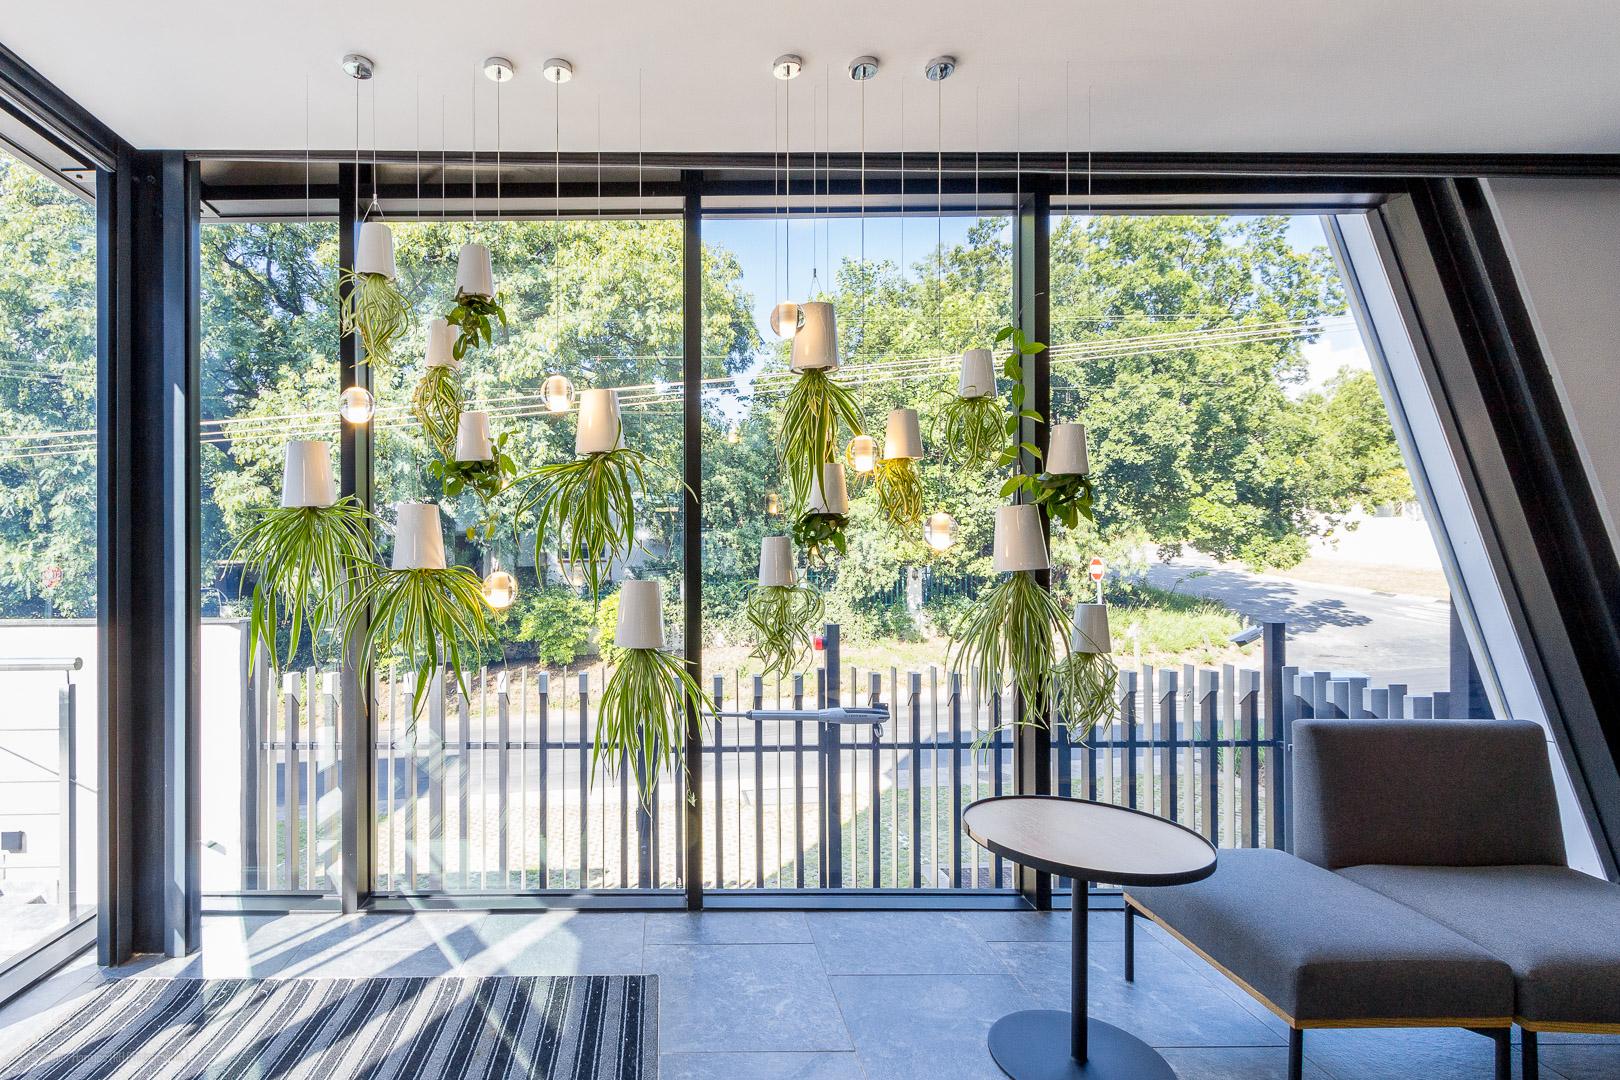 RHPX_Portfolio_Holt Street Parkmore Interior-5